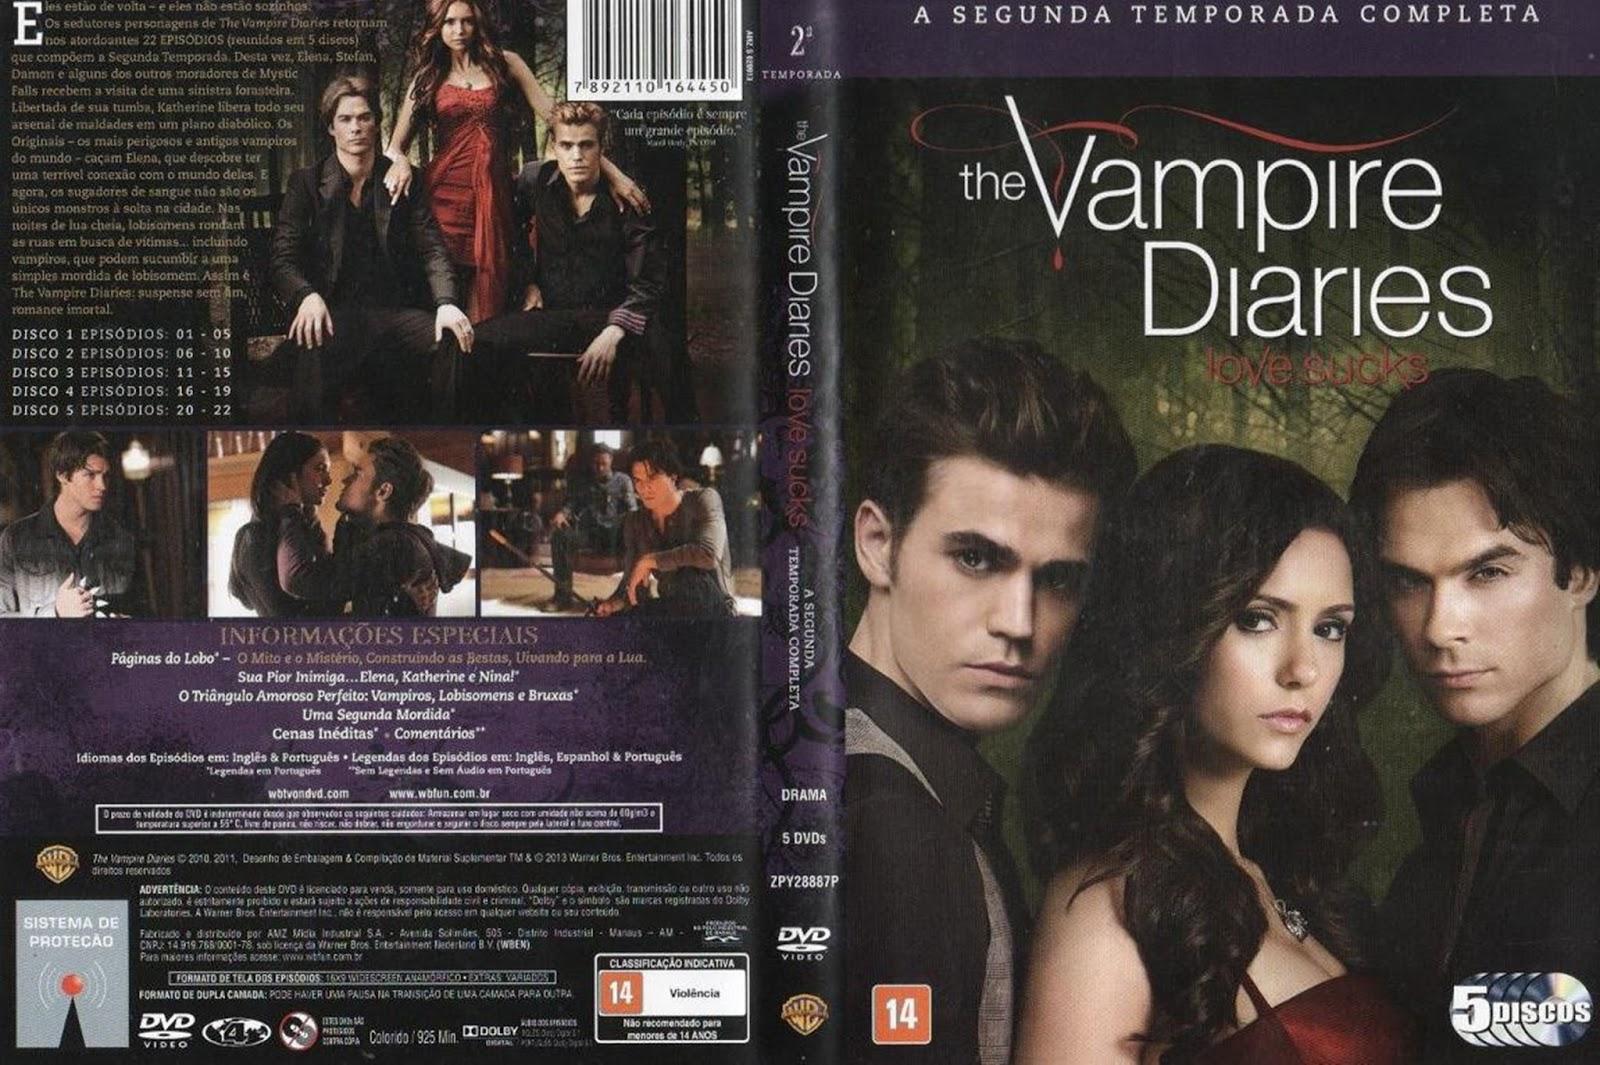 diario de um vampiro 2 temporada dublado rmvb